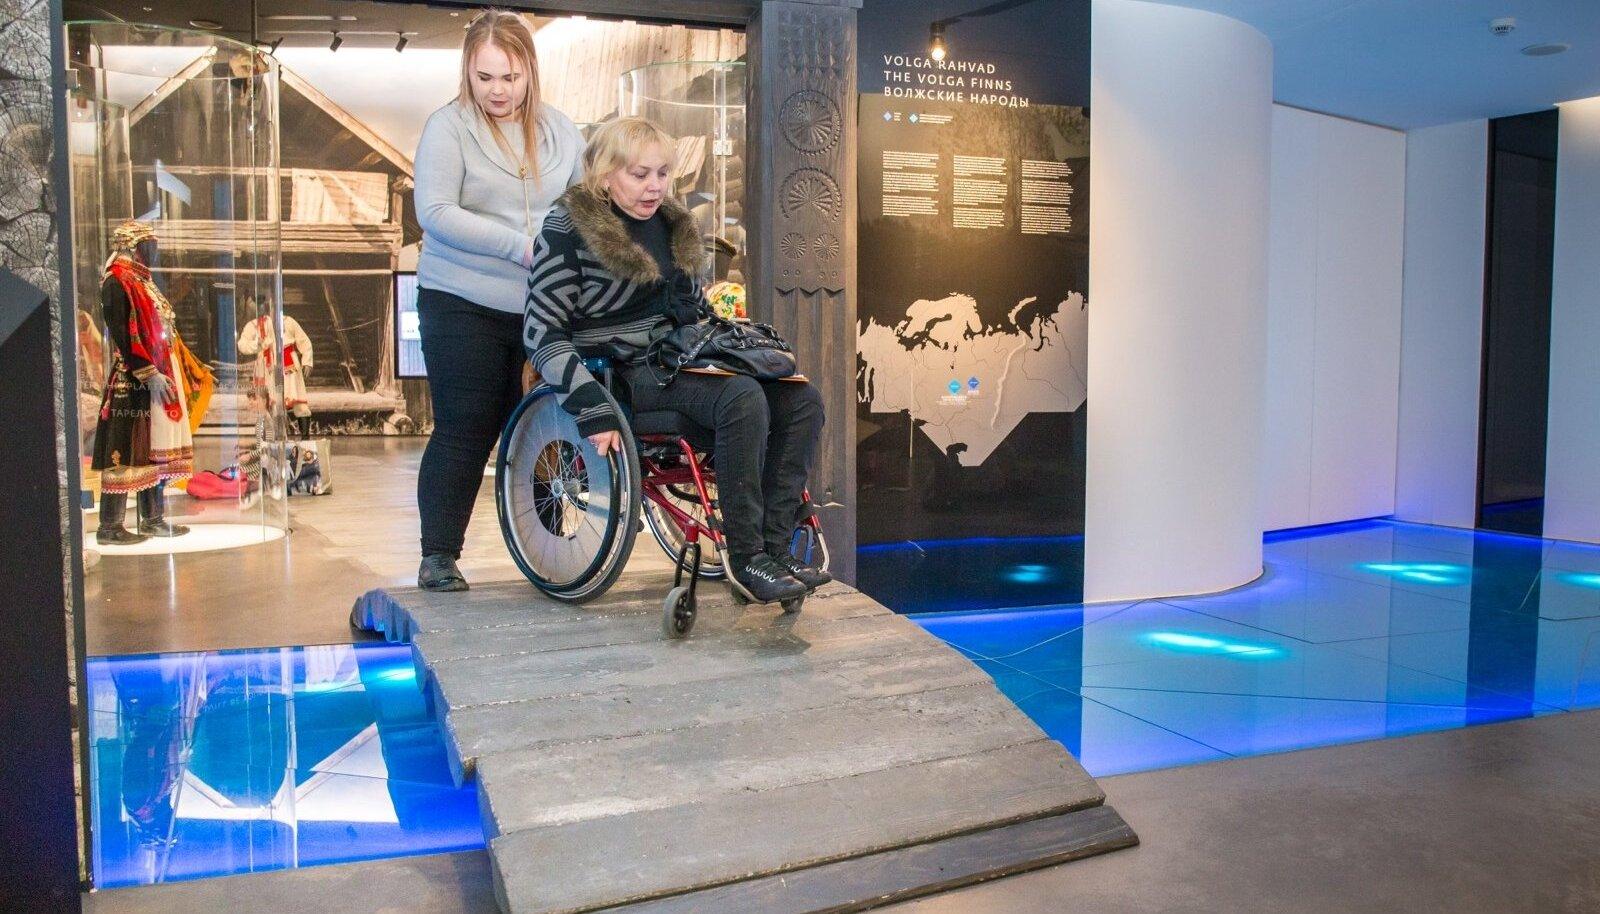 Liikumispuudega inimesed Eesti Rahva Muuseumis